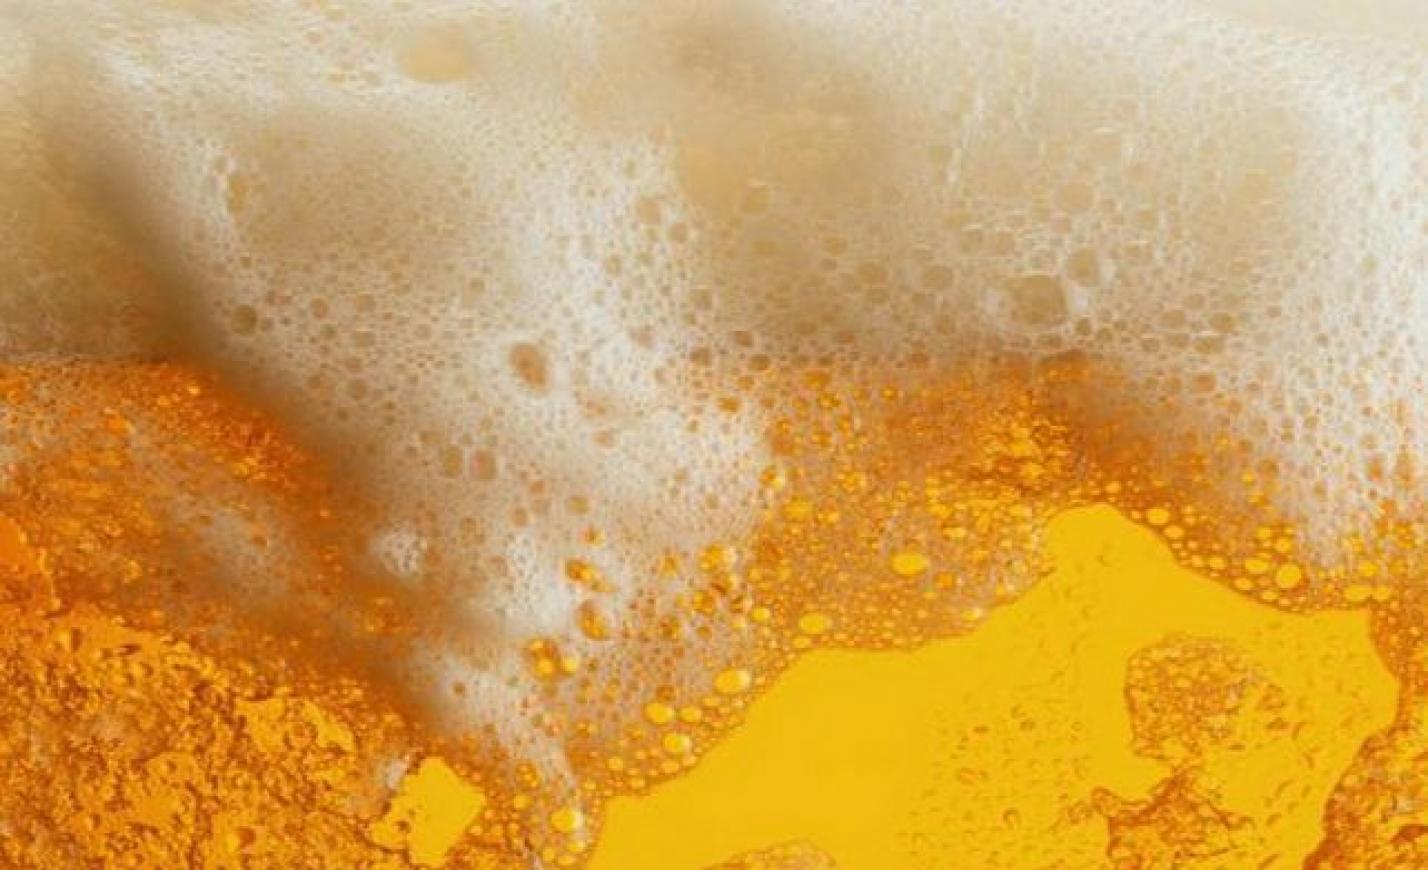 Kifogástalanok a dobozos sörök a Nébih szerint